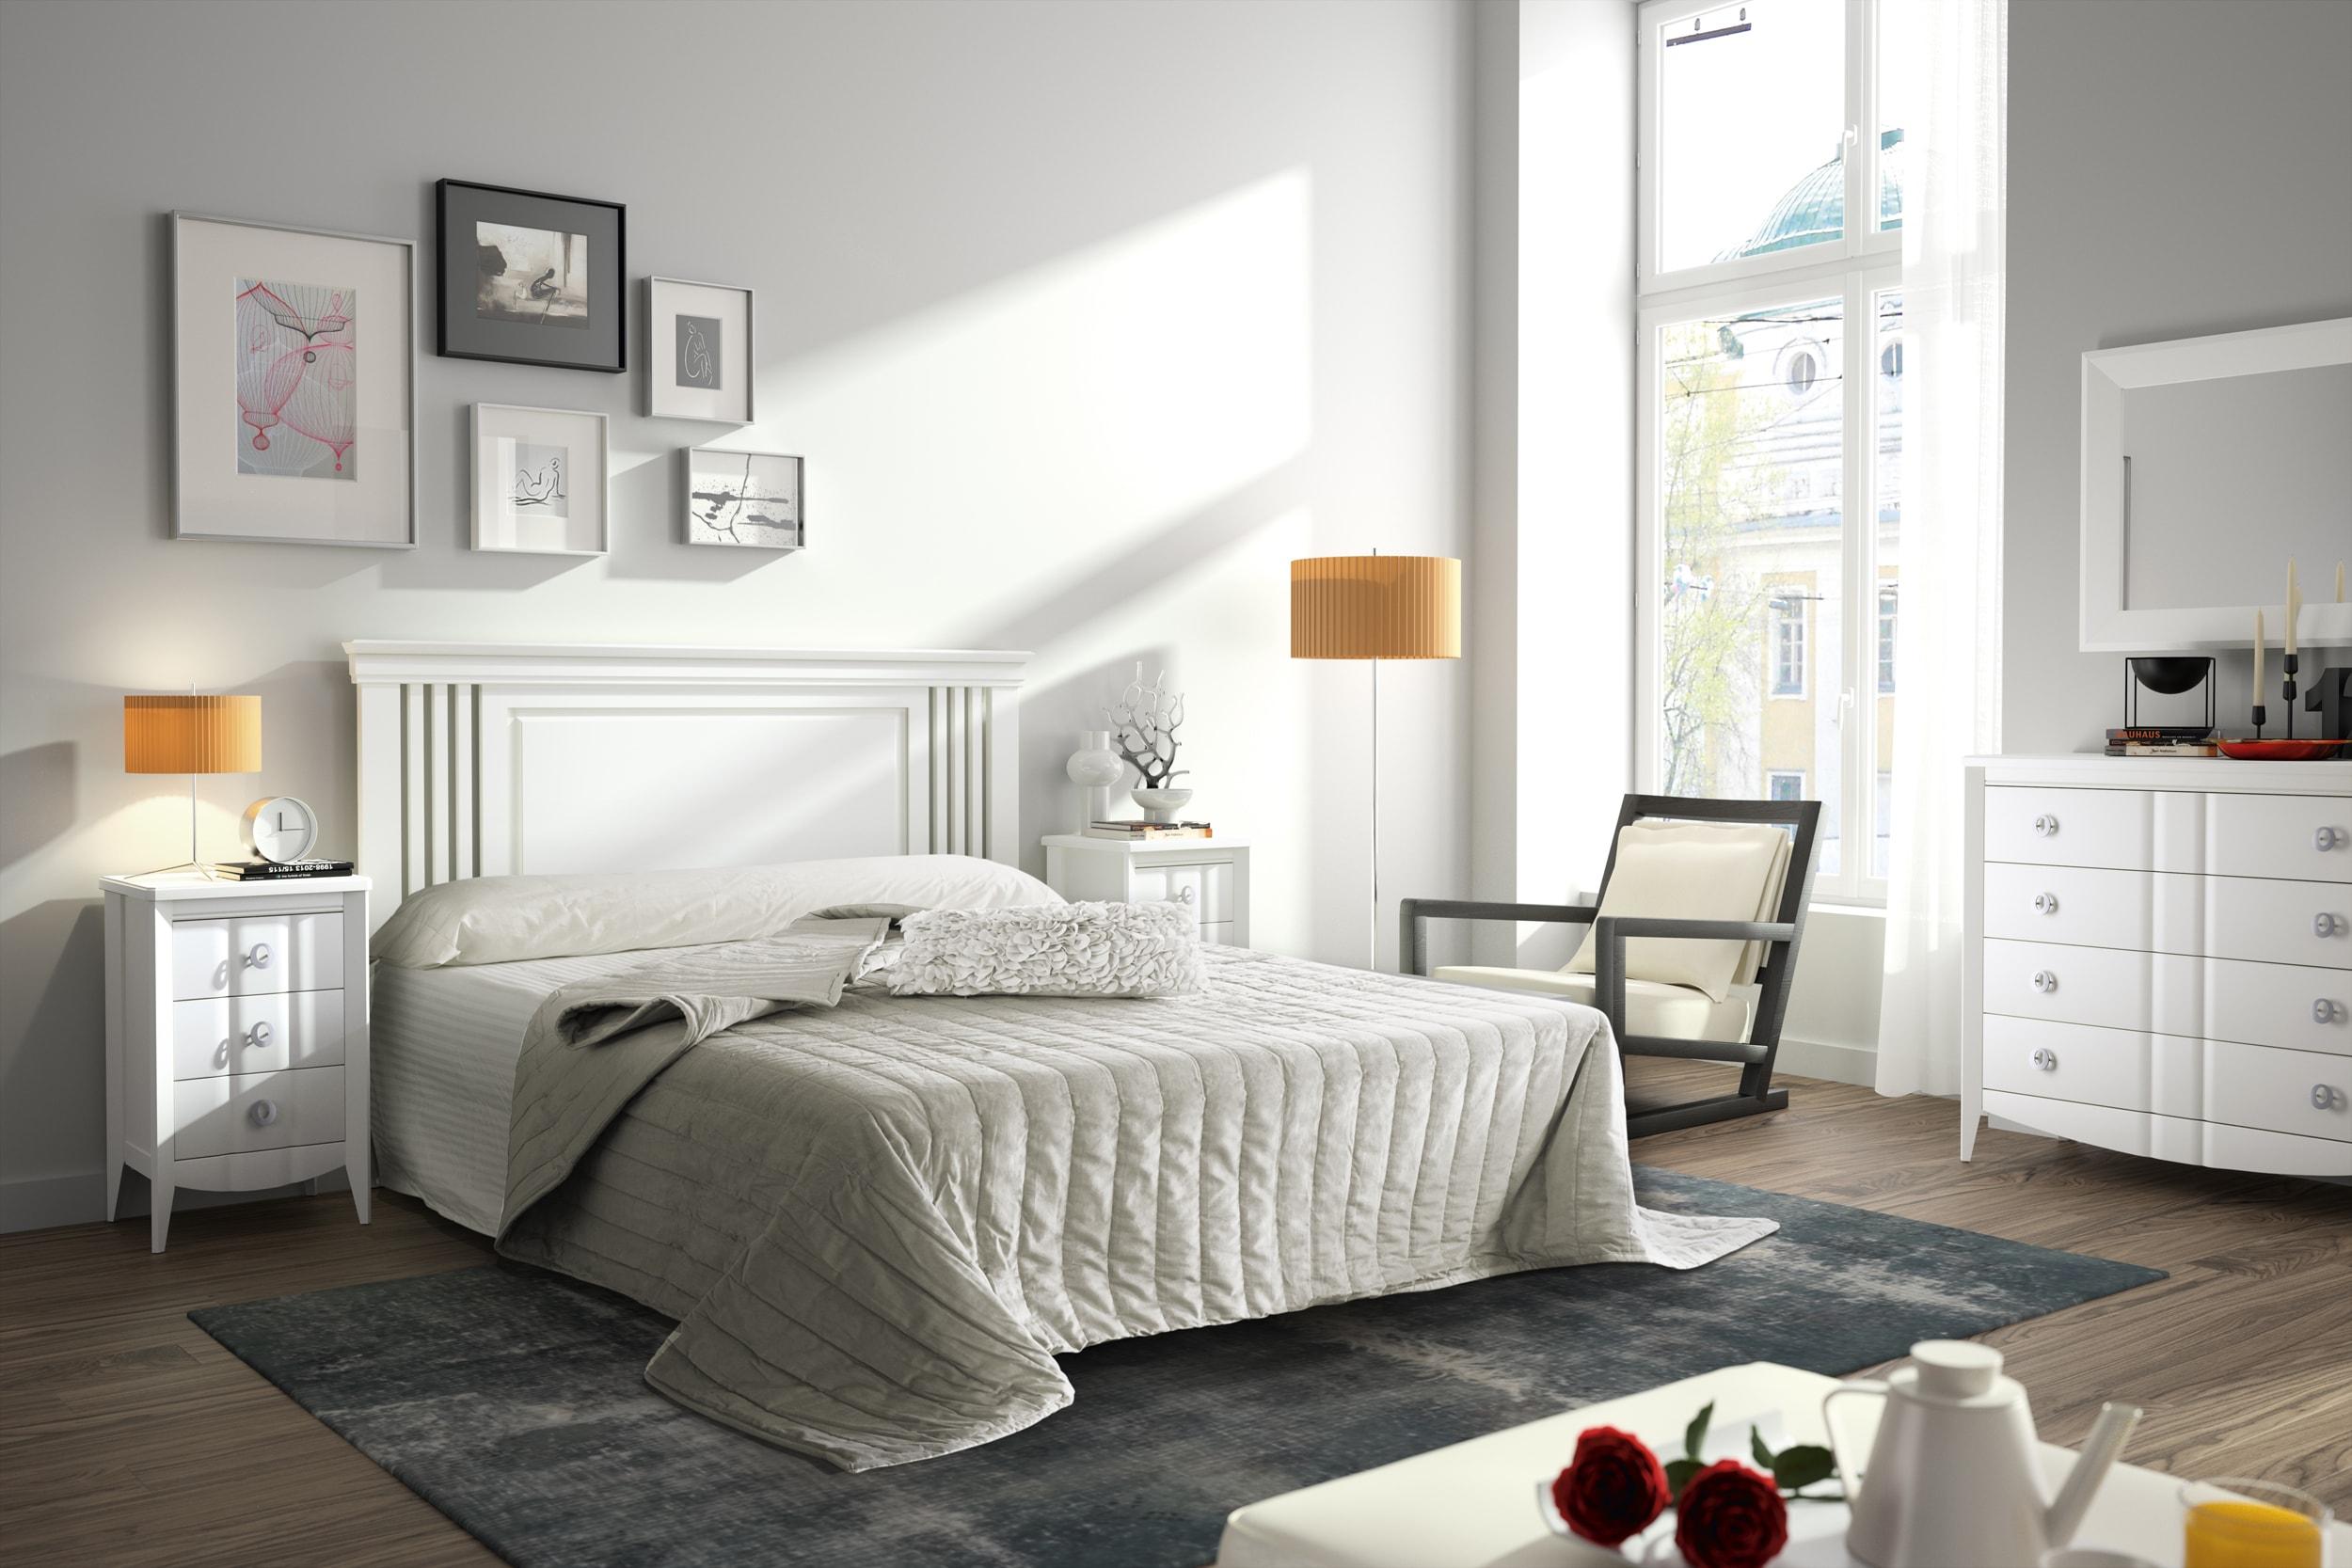 Dormitorio matrimonio en color blanco que aporta luz y elegancia en espacios reducidos.